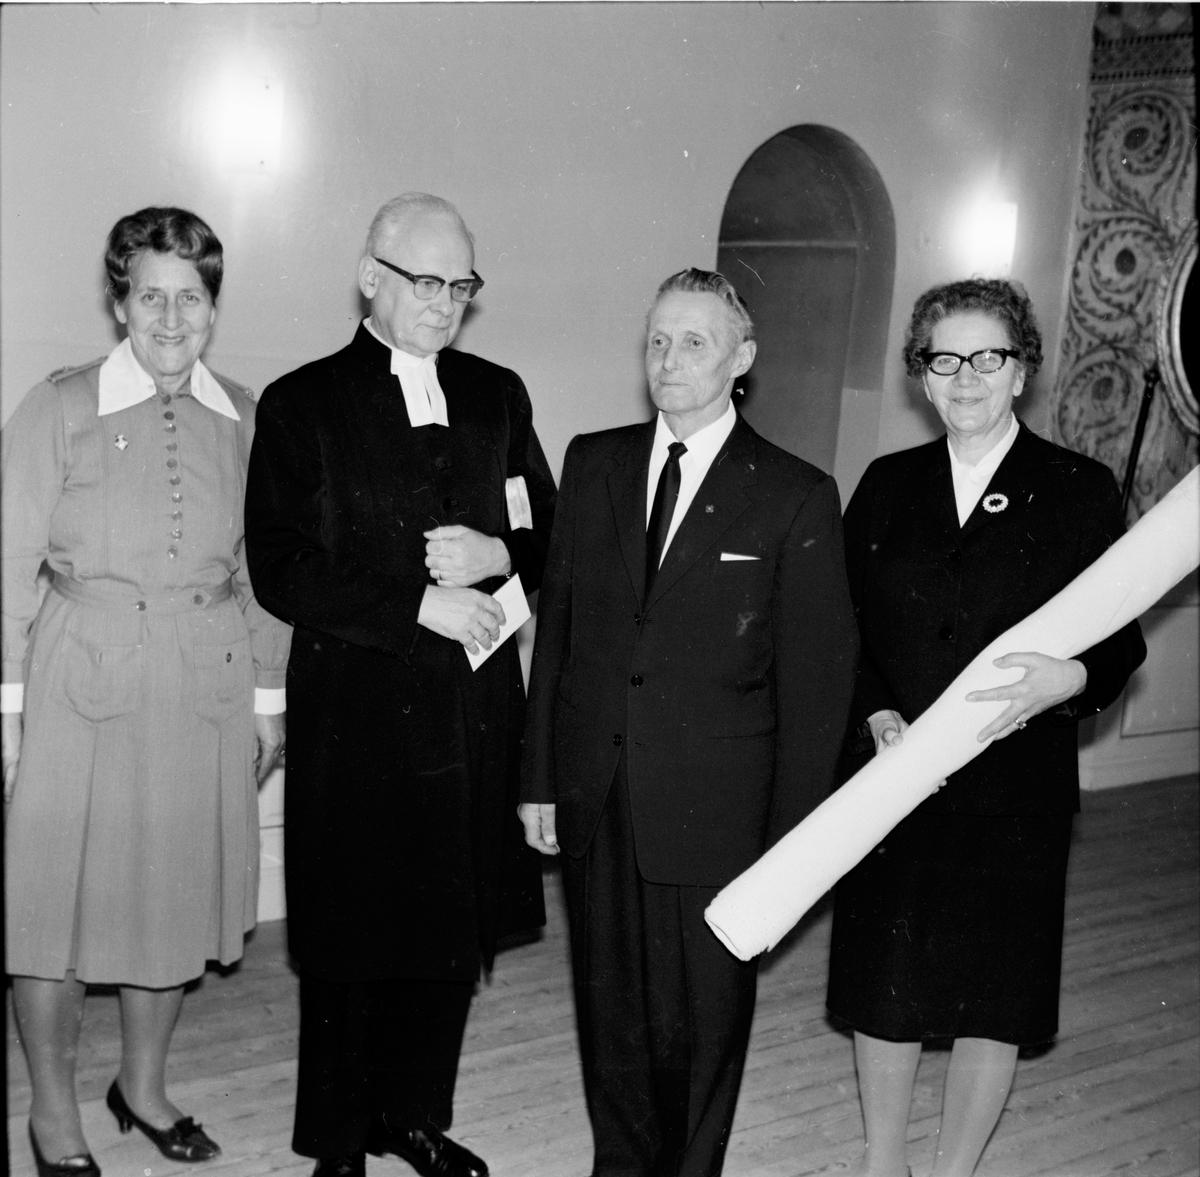 Arbrå kyrka, Altarduk överlämnas, December 1968